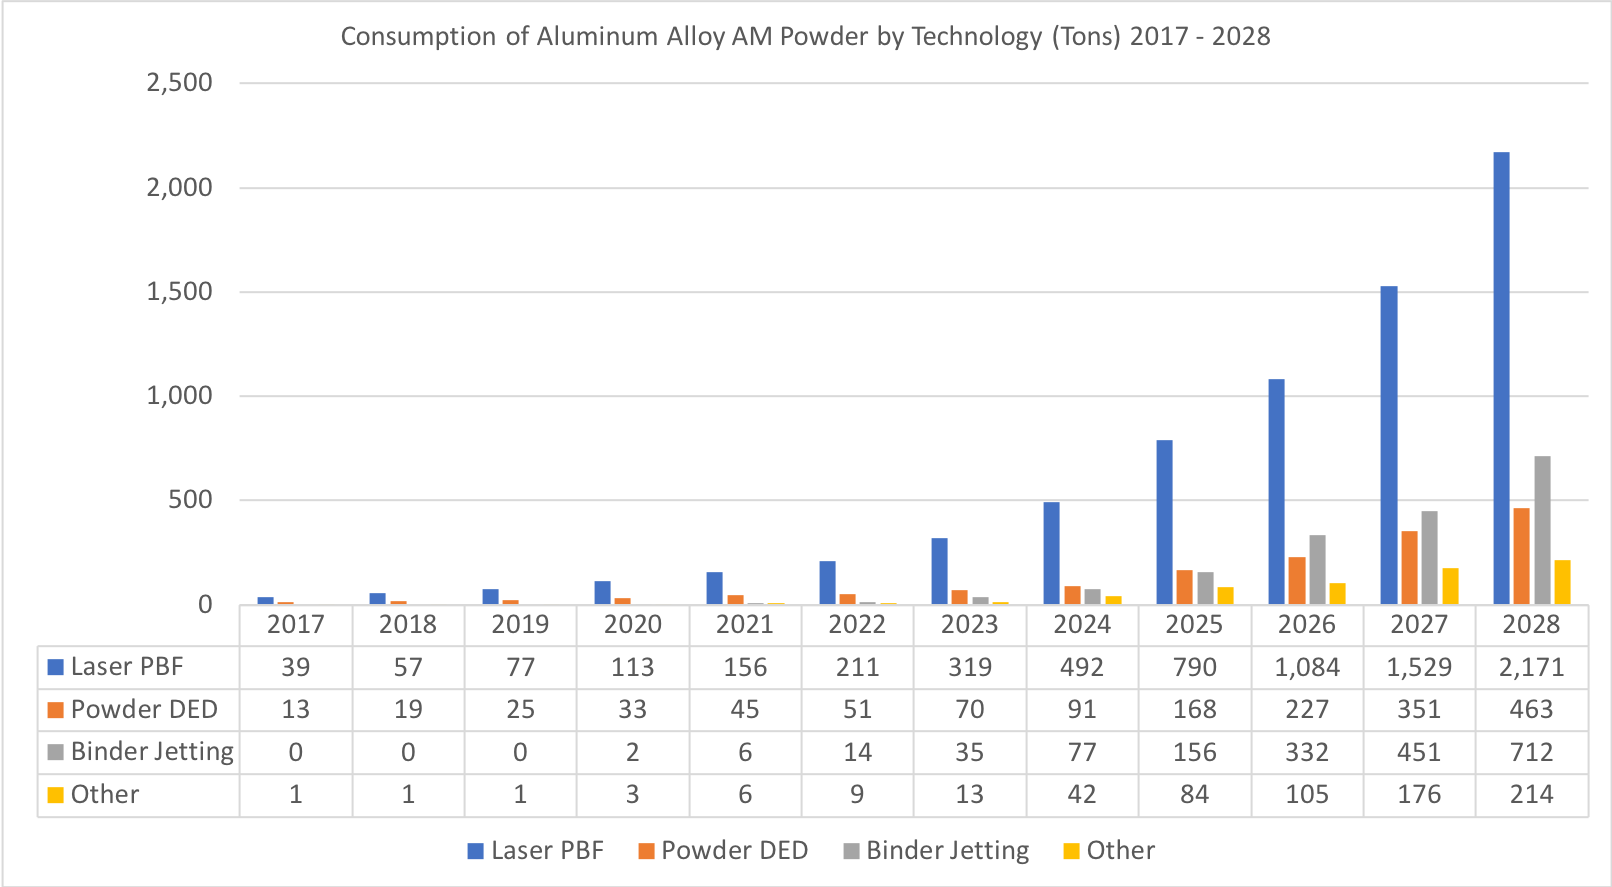 Aluminium 3D drucktechnologie statistik - Experten im Interview: Potential von Aluminium in der Additiven Fertigung